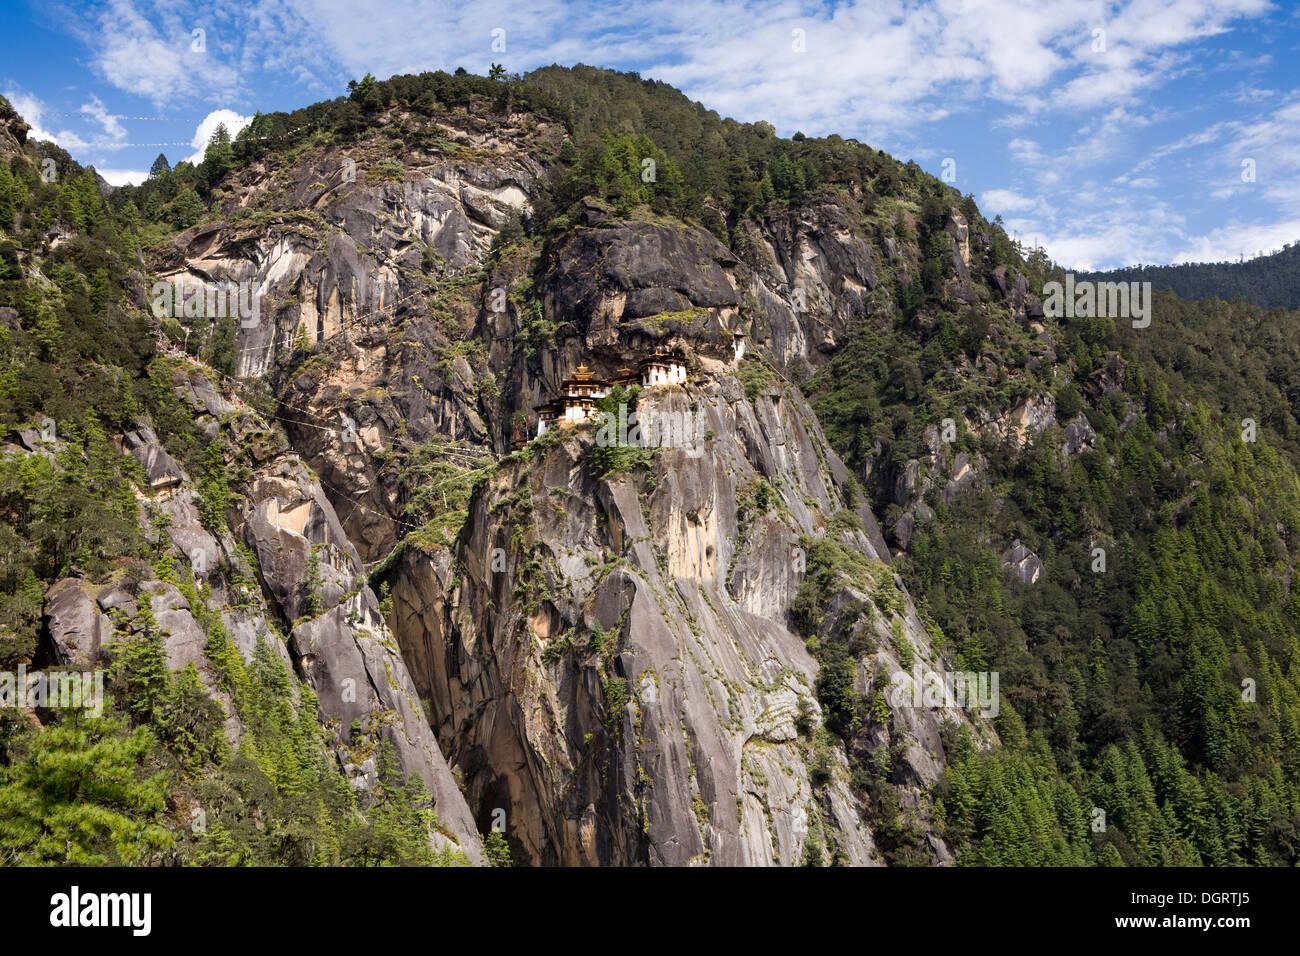 Bhután, Paro valle, Taktsang Lhakang (Tiger's Nest) monasterio aferrado al acantilado Foto de stock